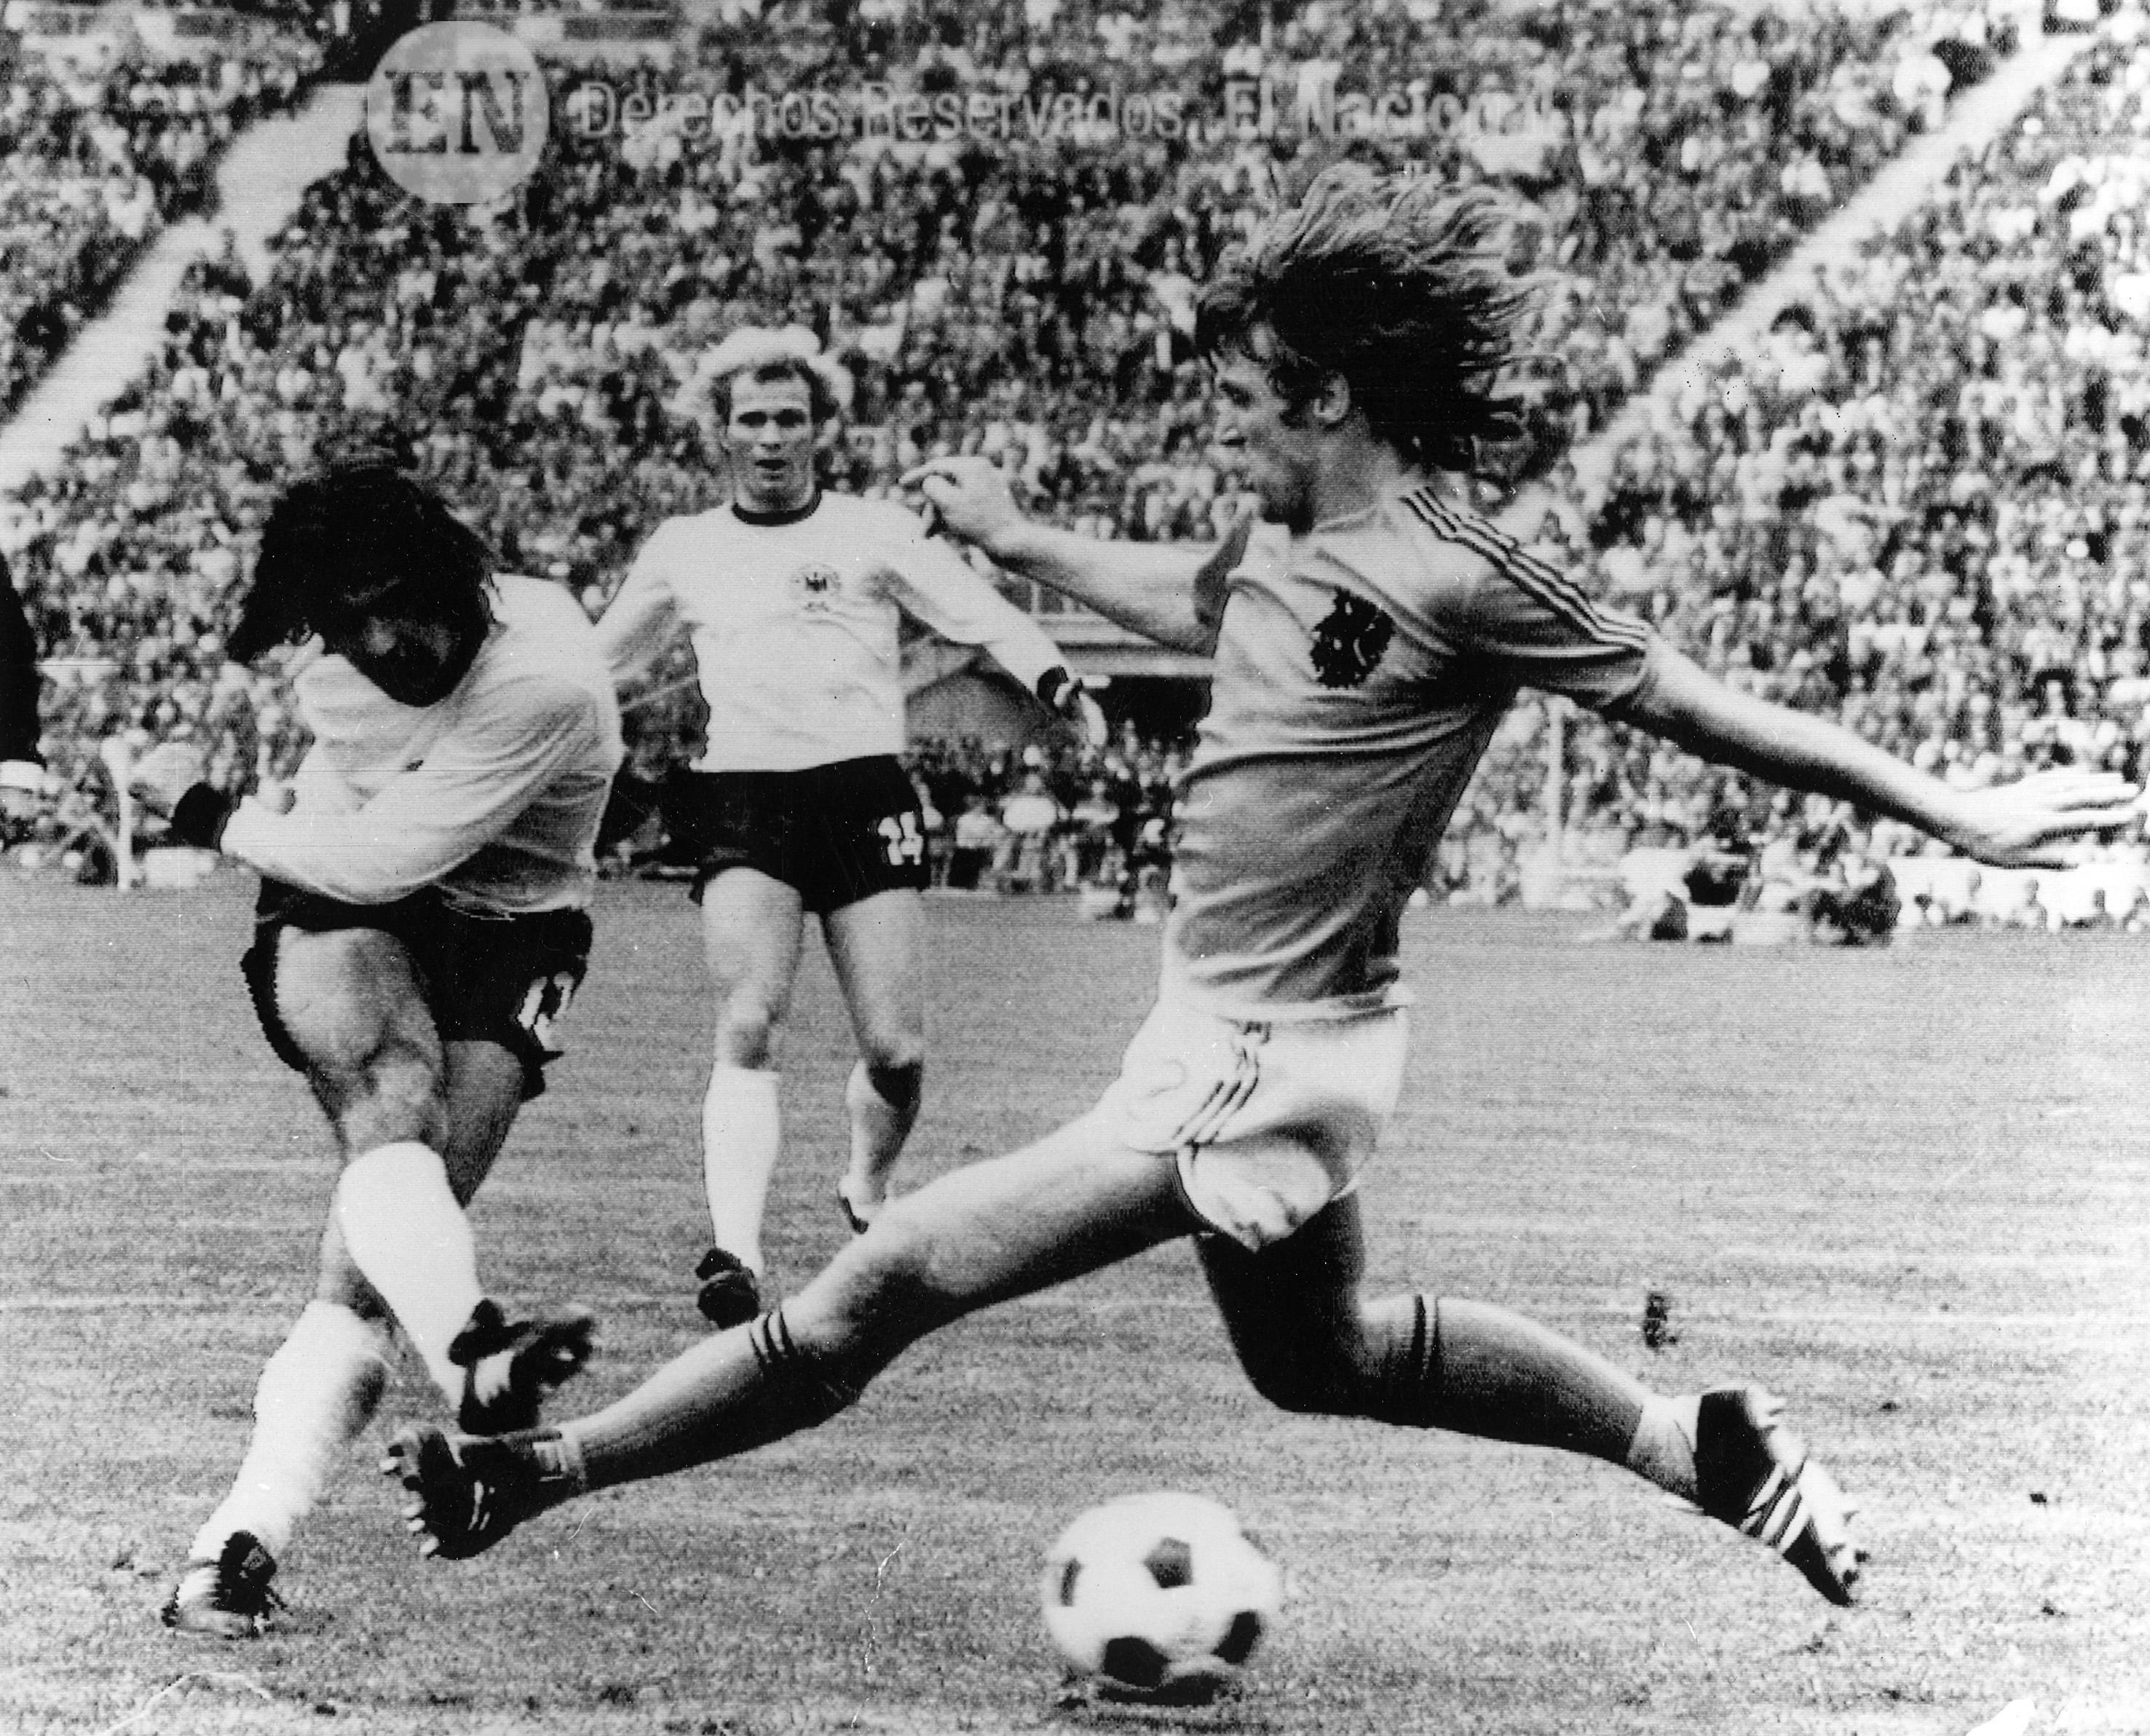 El jugador alemán Gerd Müller anot³ 14 goles en 1970 y 1974 Es el